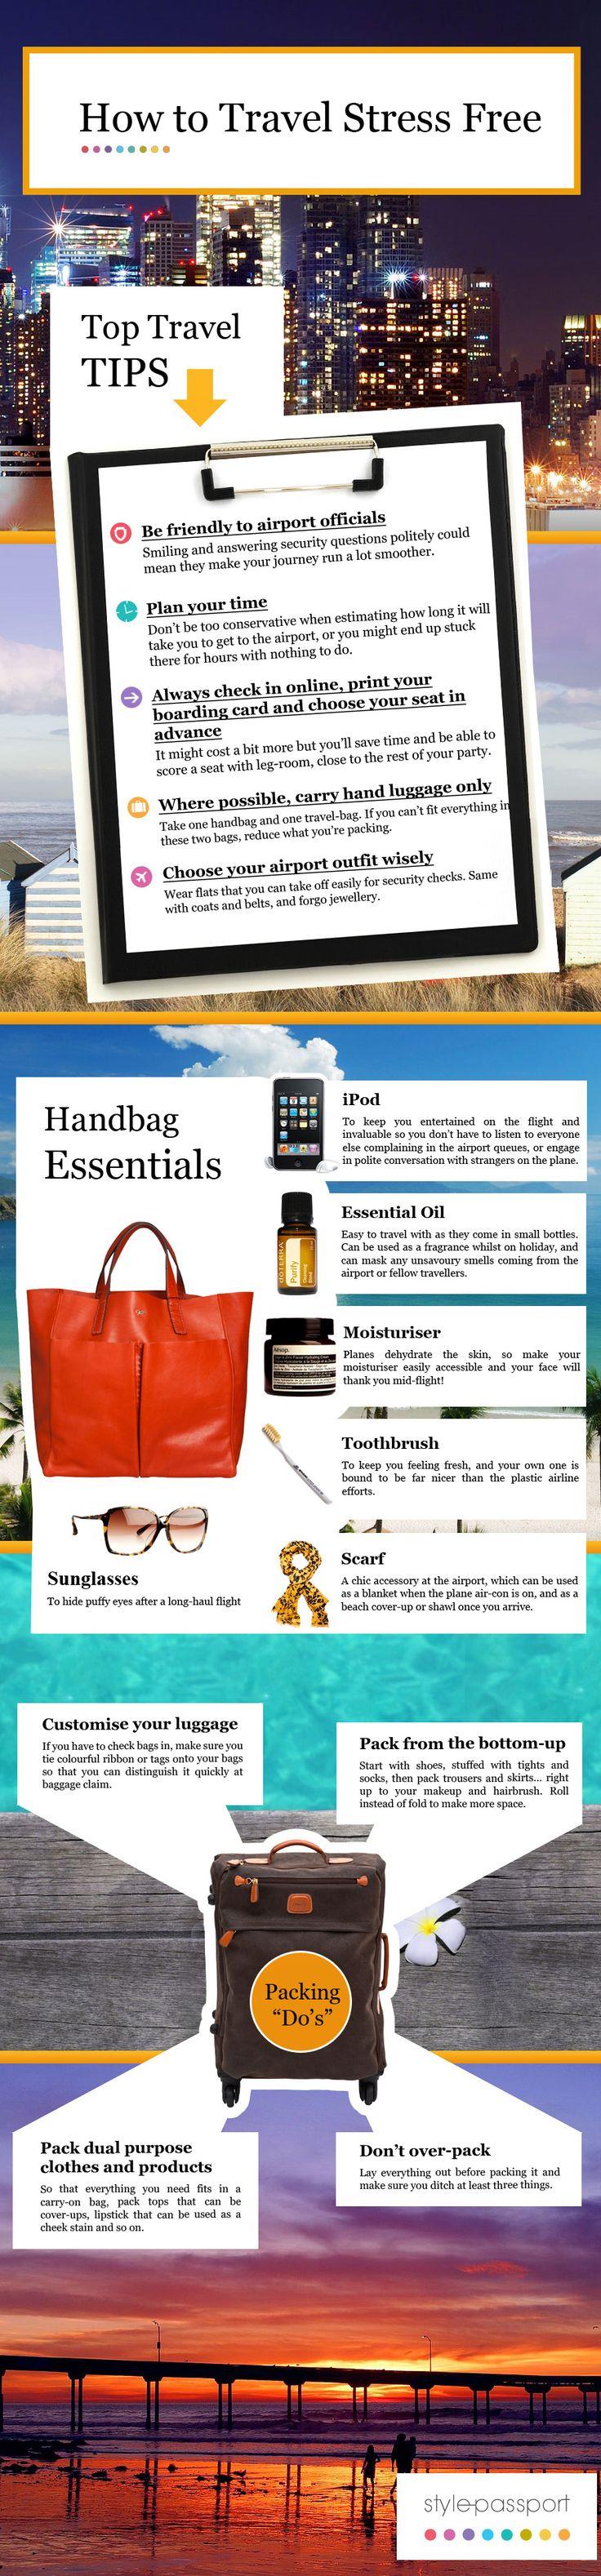 Traveling tips! #travel #smarttravel